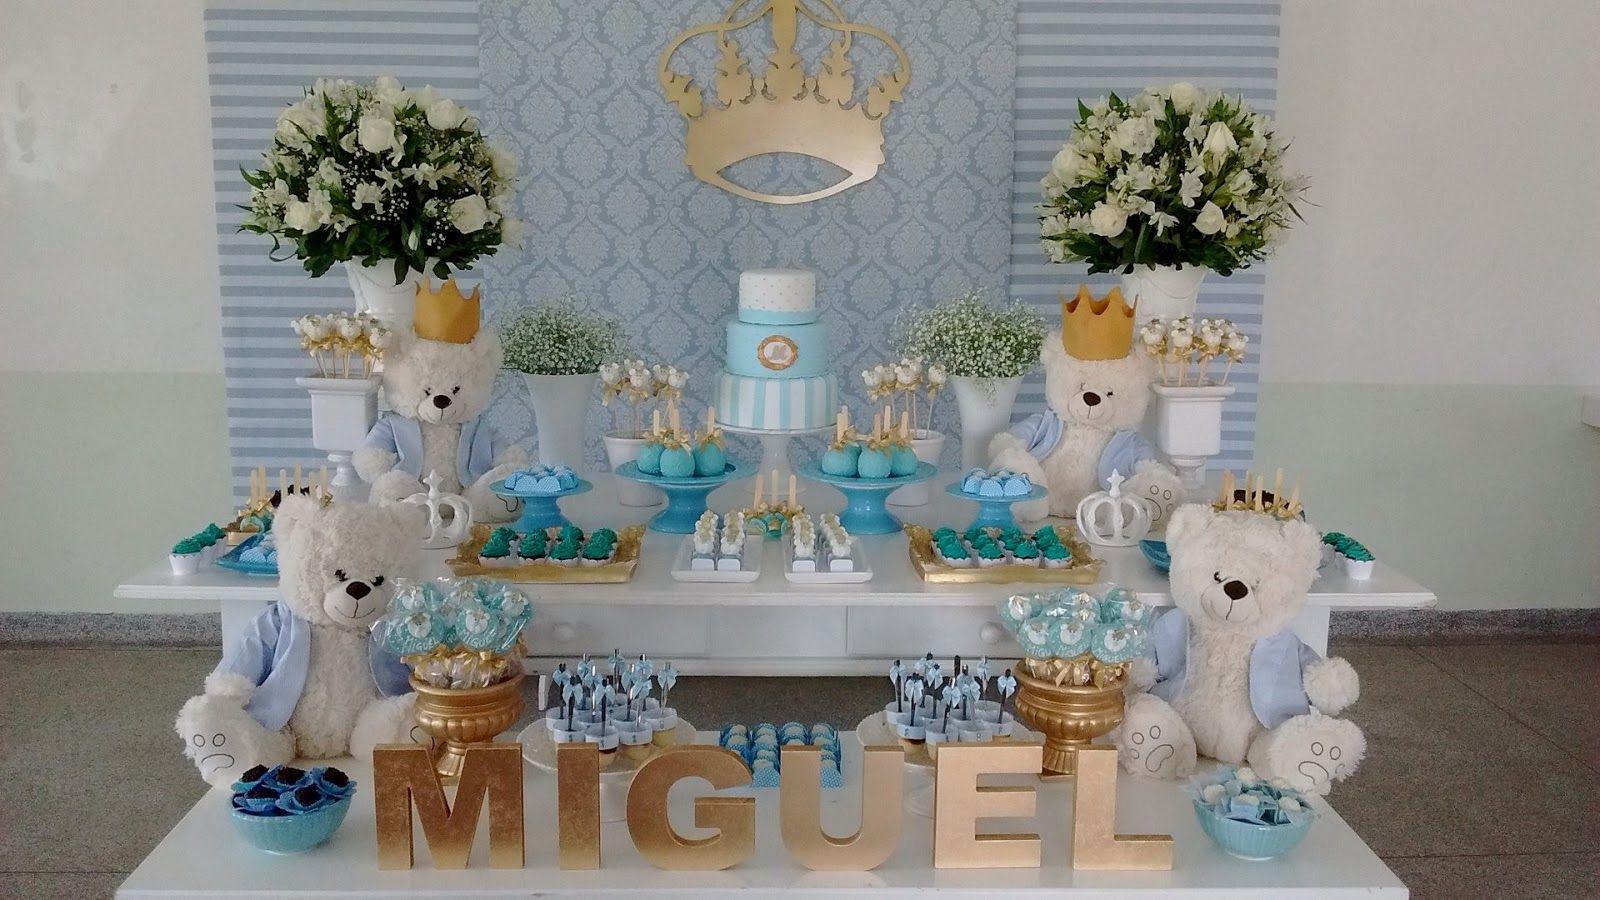 chá de fraldas ursinho príncipe Pesquisa Google matinee francesco Pinterest Ursinha  -> Decoração Cha De Bebe Ursinho Principe Simples